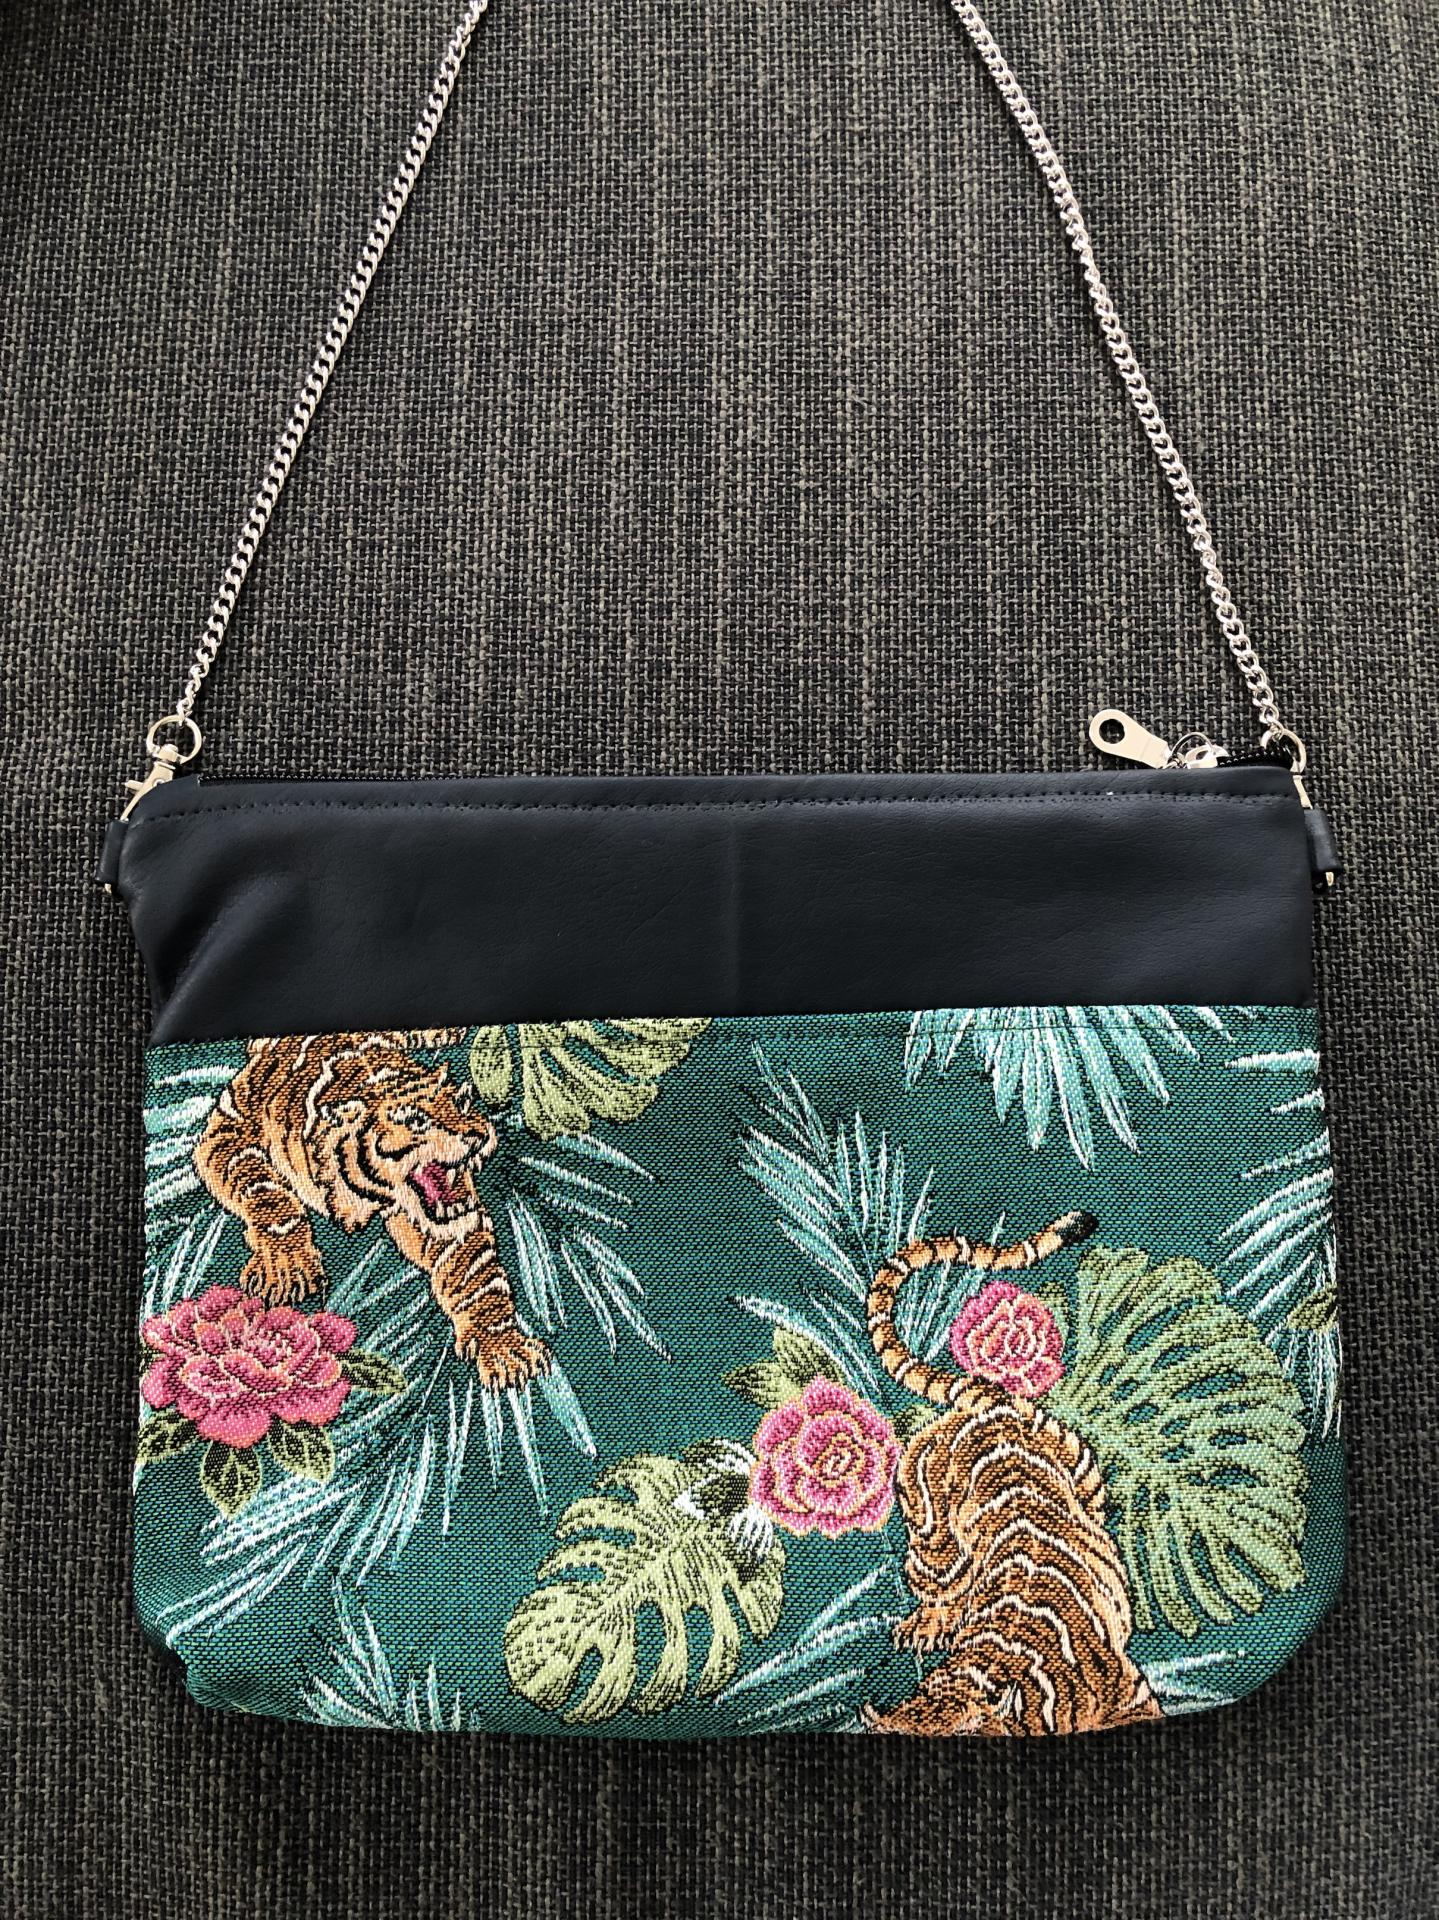 Bolso de mano o bandolera tropical verde con tigres y rosas